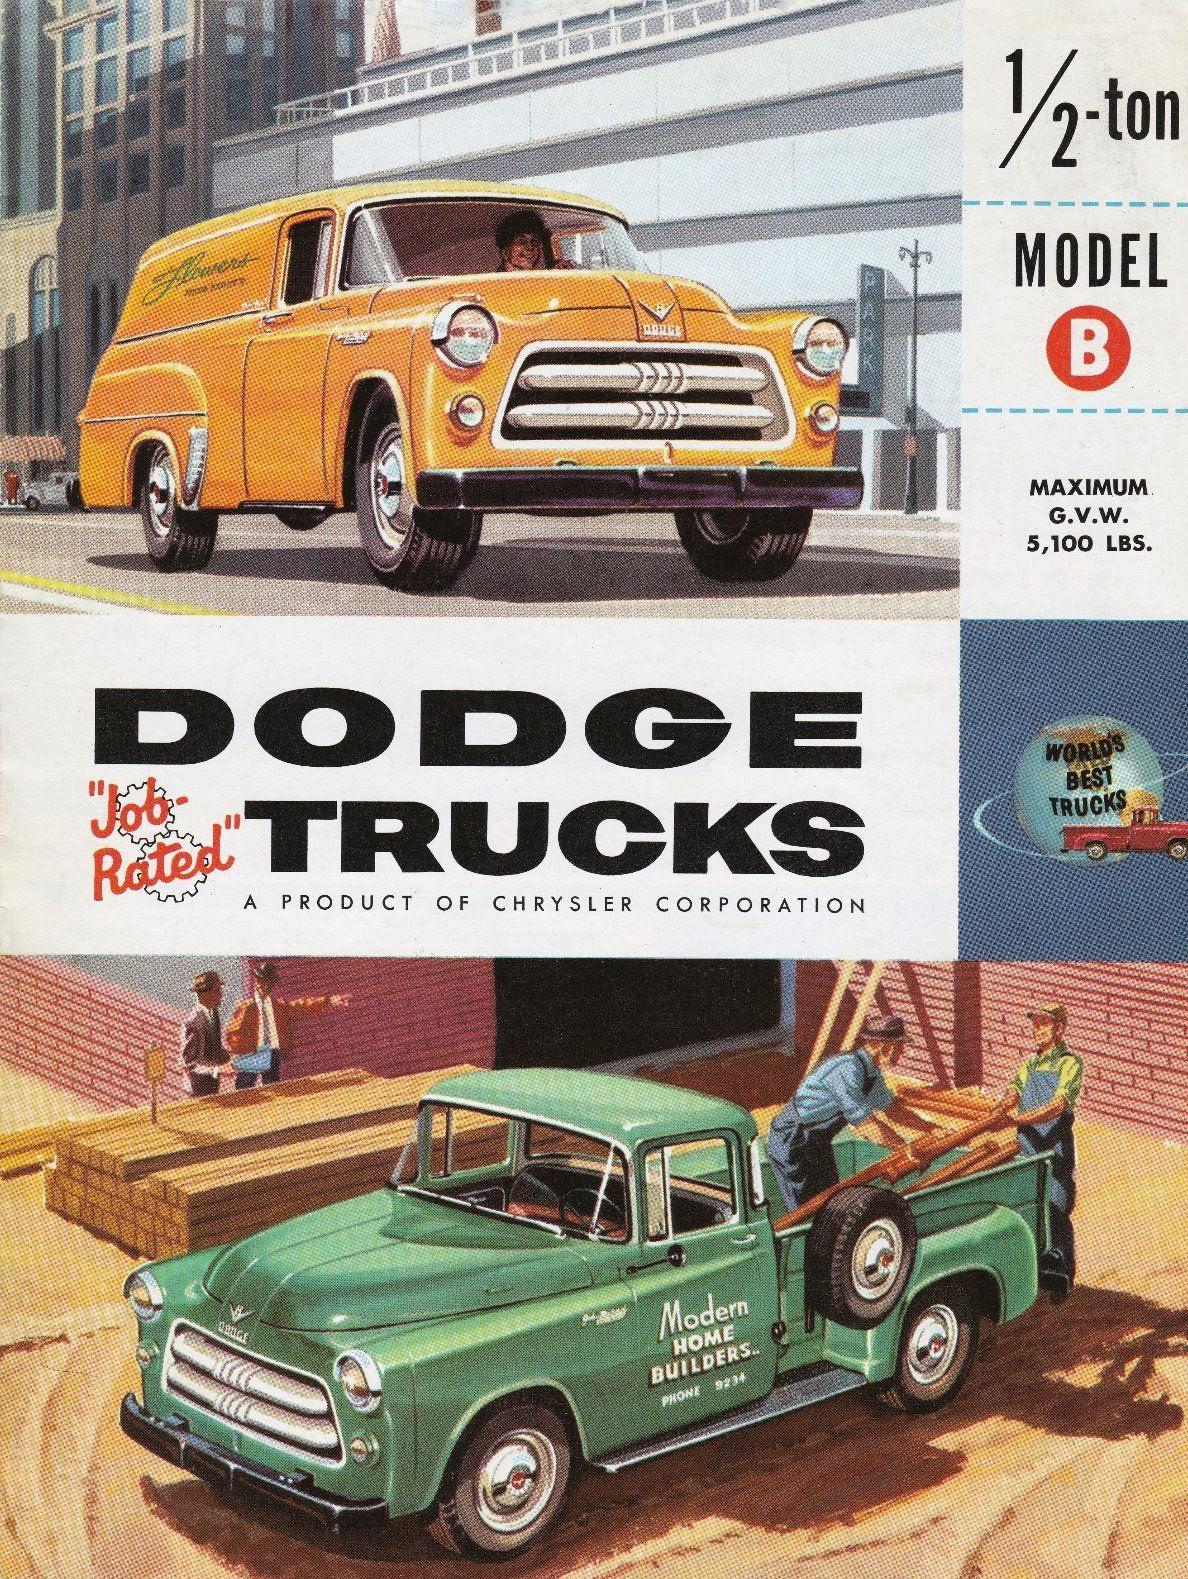 Transpress Nz 1954 Dodge Ton Model B Pickup And Panel Trucks Truck